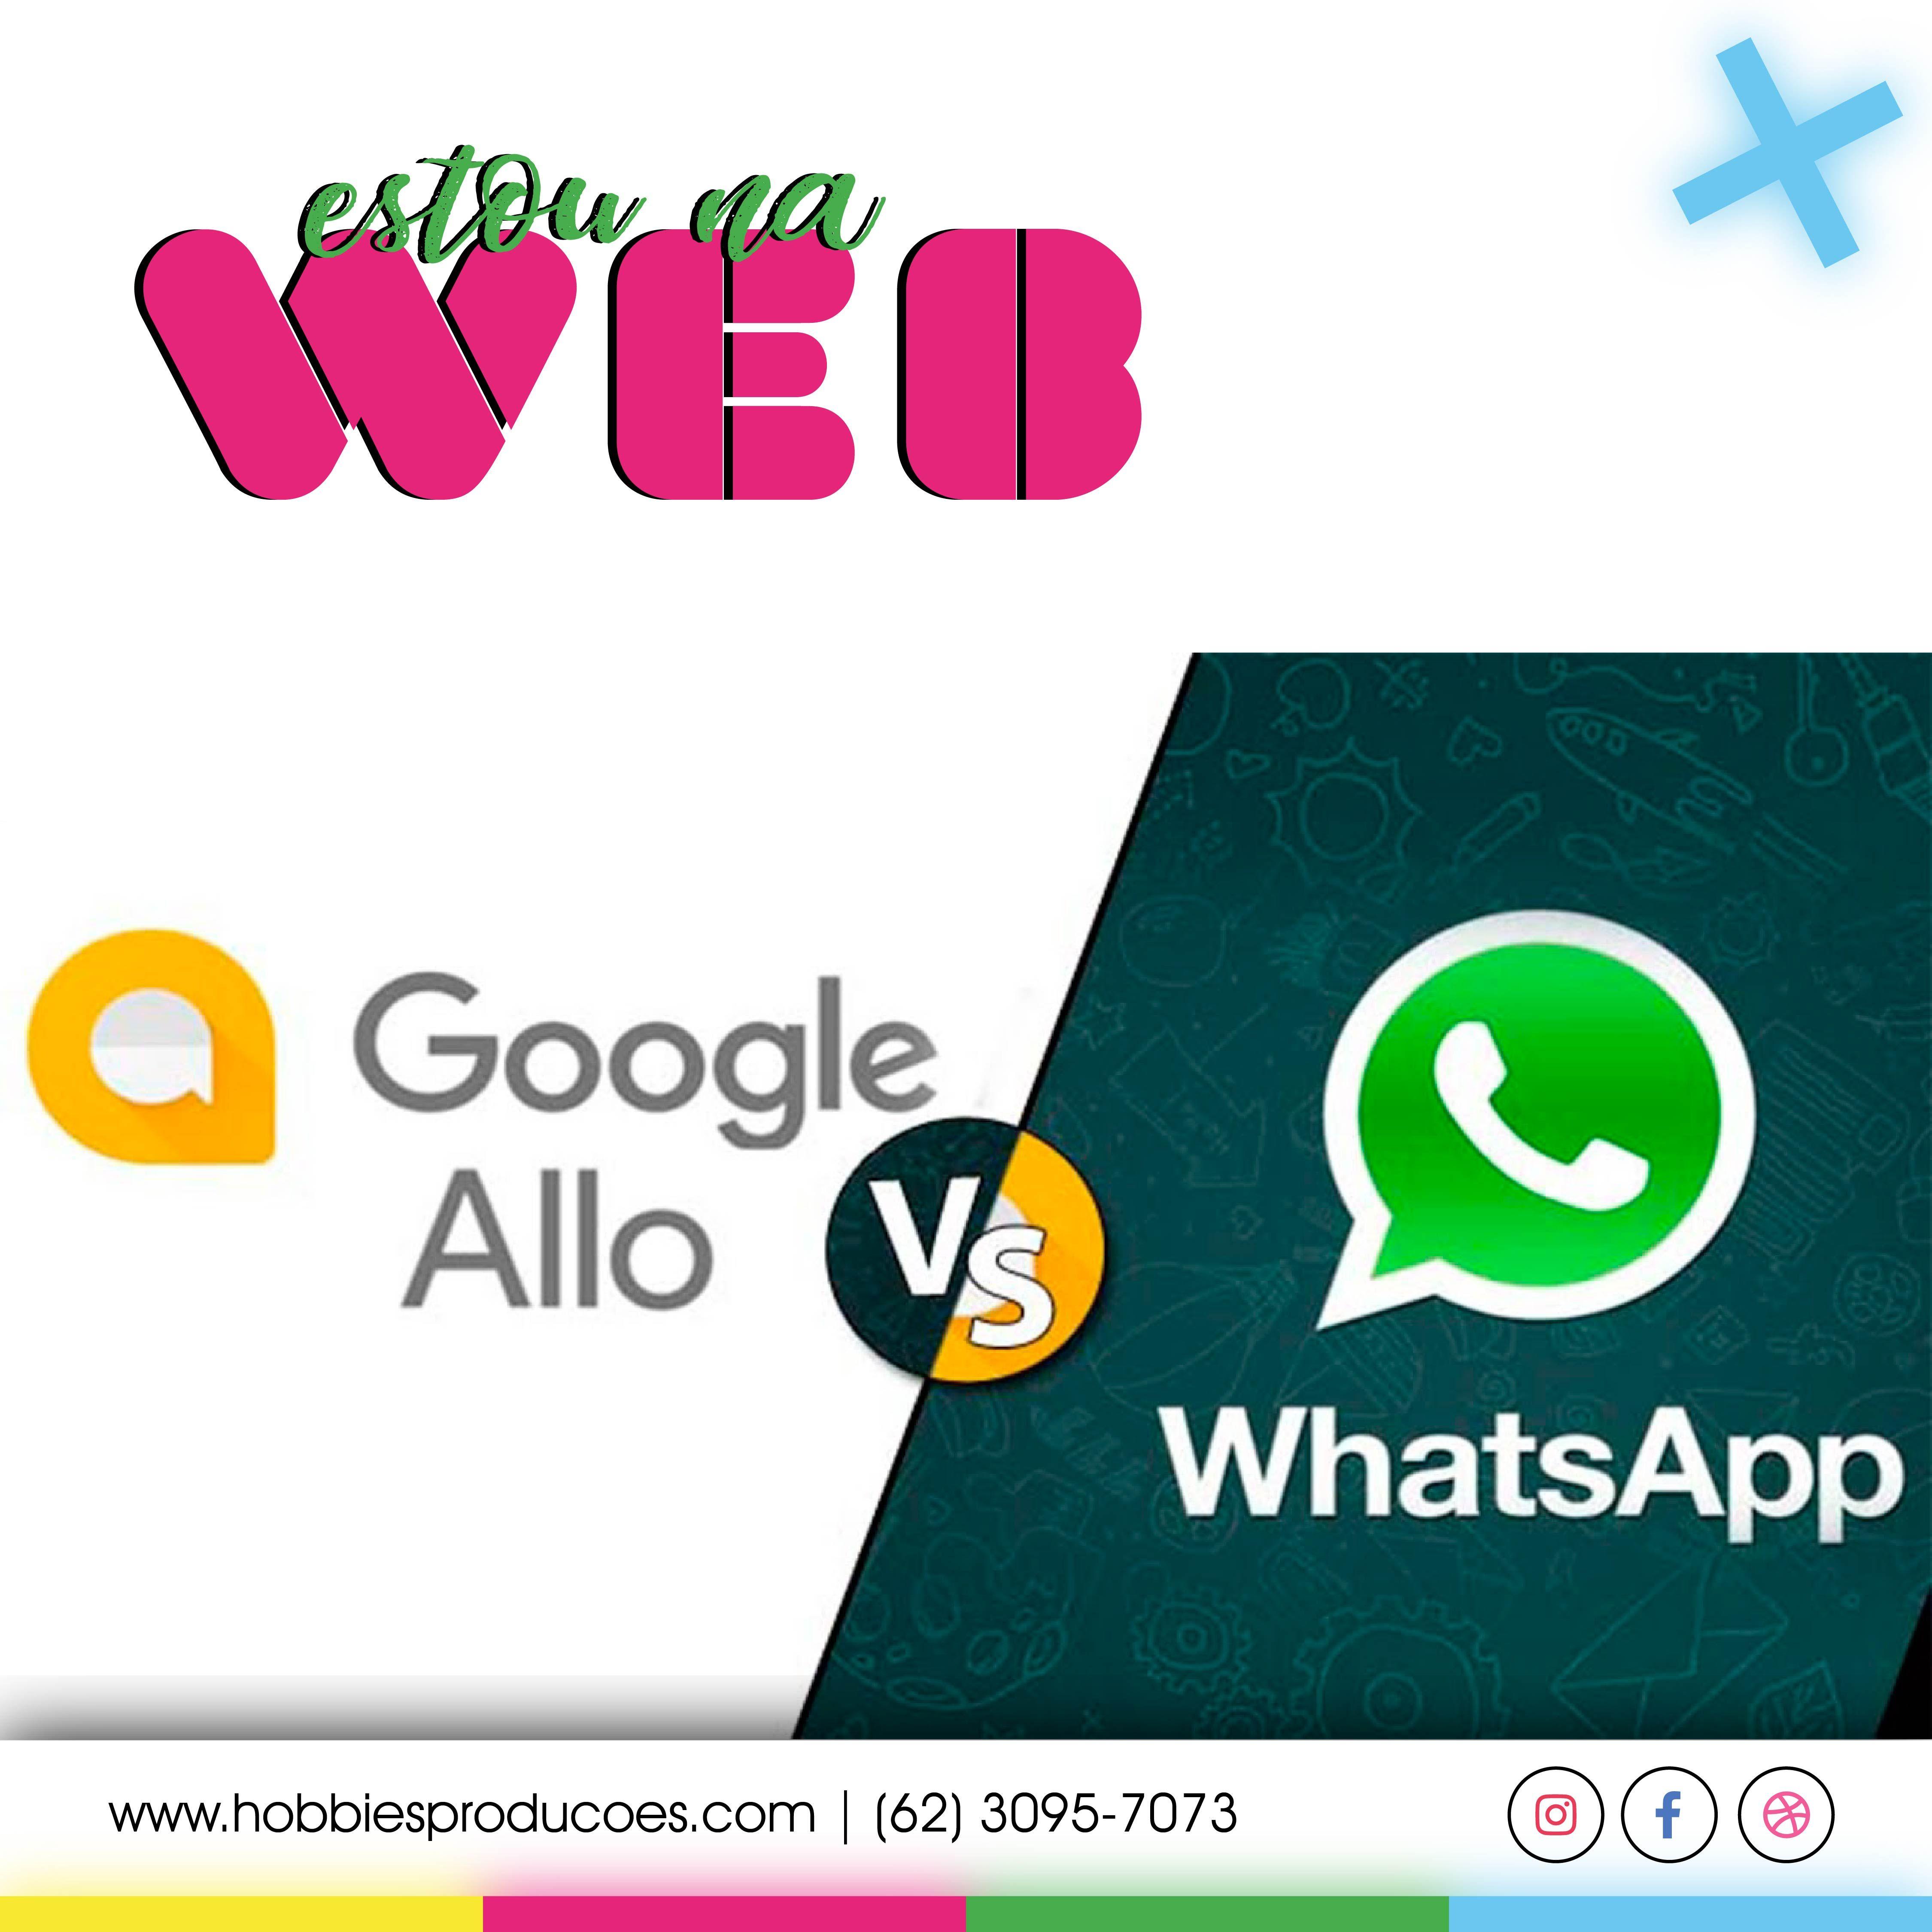 O Google Allo, o mensageiro rival do WhatsApp para Android